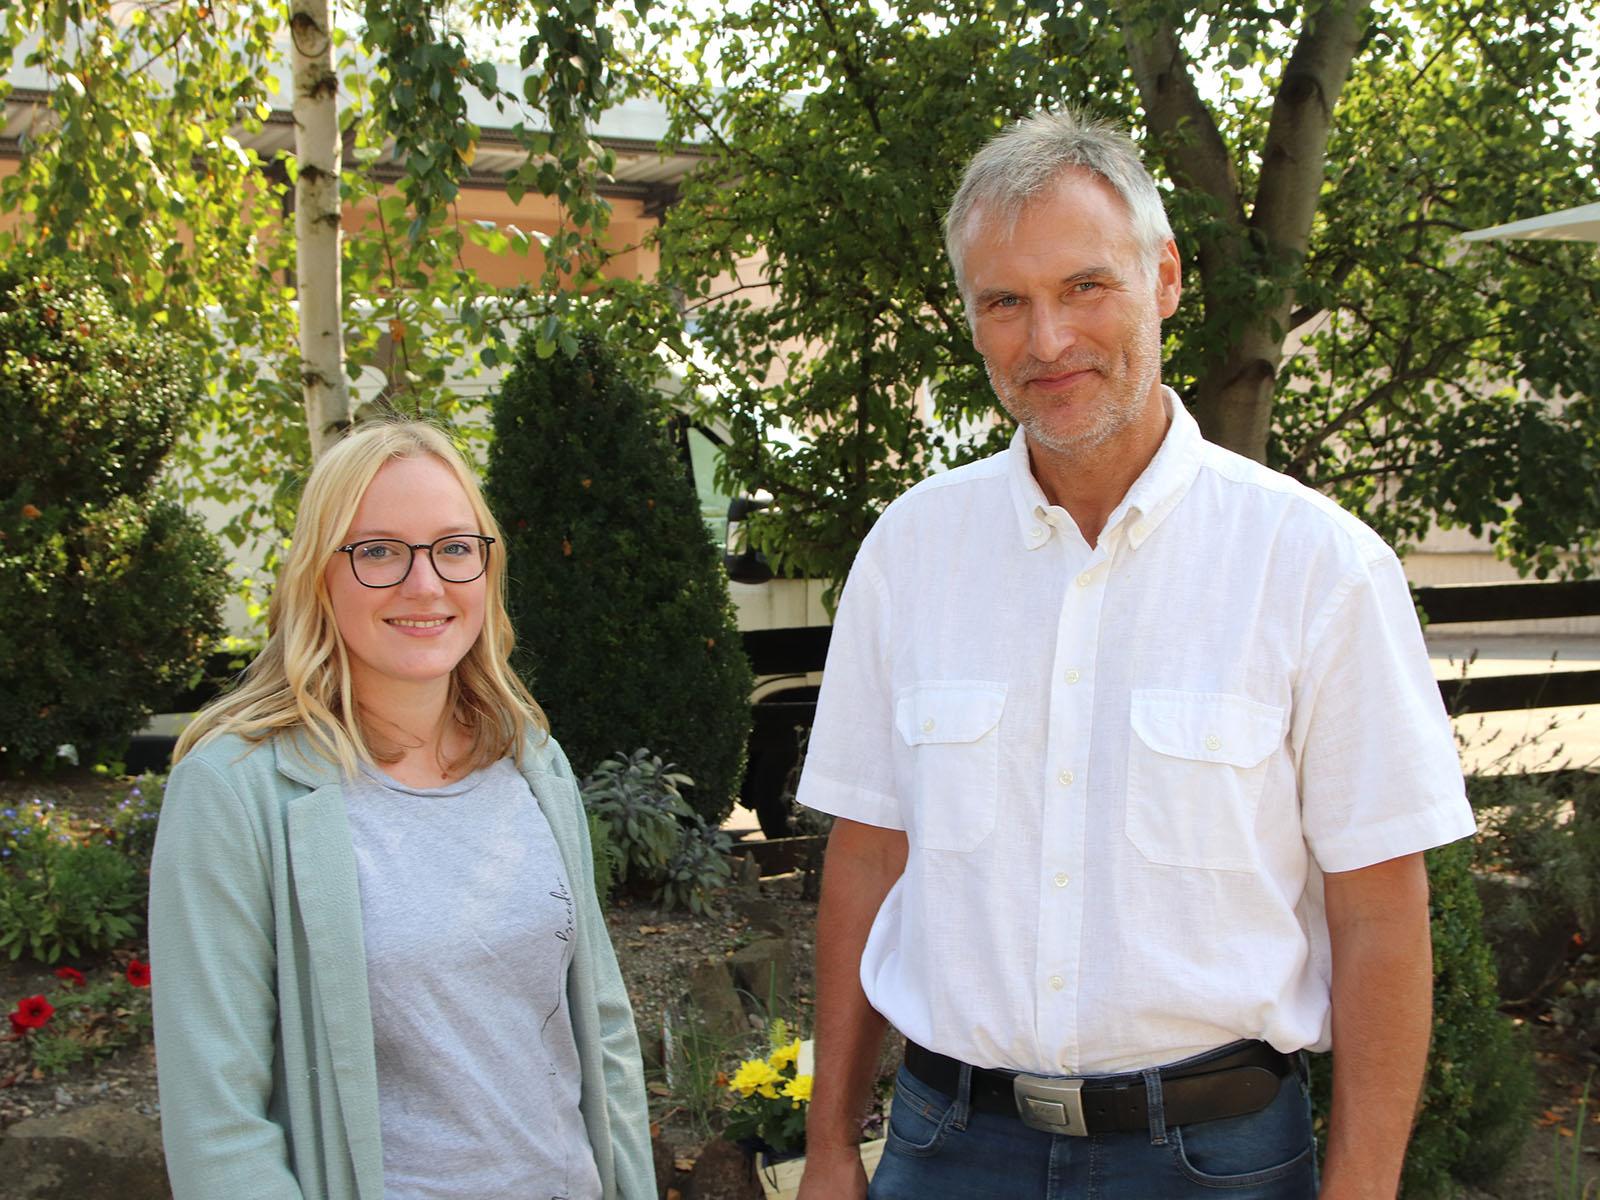 Anna Wirth und Rainer Heider begleiten als Sozialarbeiter die Bewohner in ihrem Alltag (Foto: Bernhard Gattner / Caritas Augsburg)